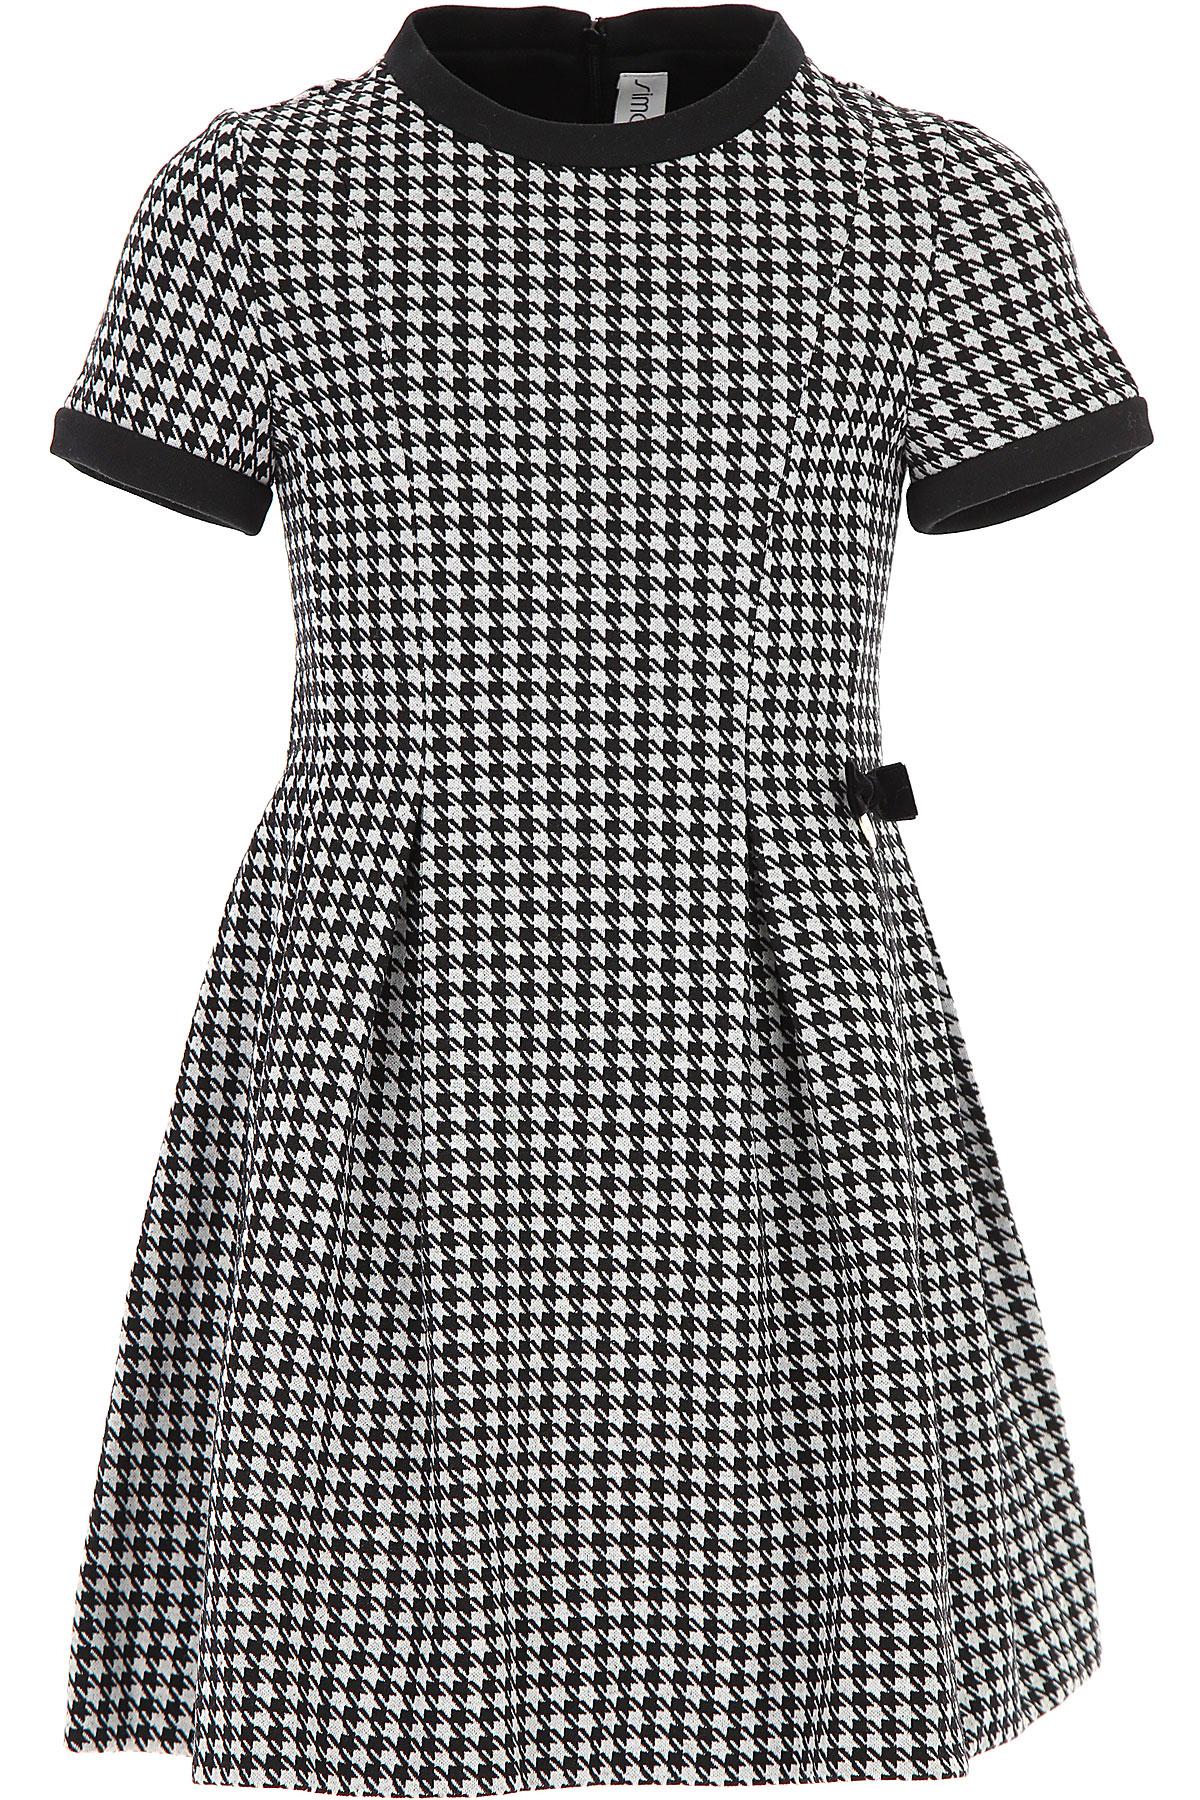 Image of Simonetta Girls Dress, Black, polyamide, 2017, 10Y 14Y 16Y 6Y 8Y